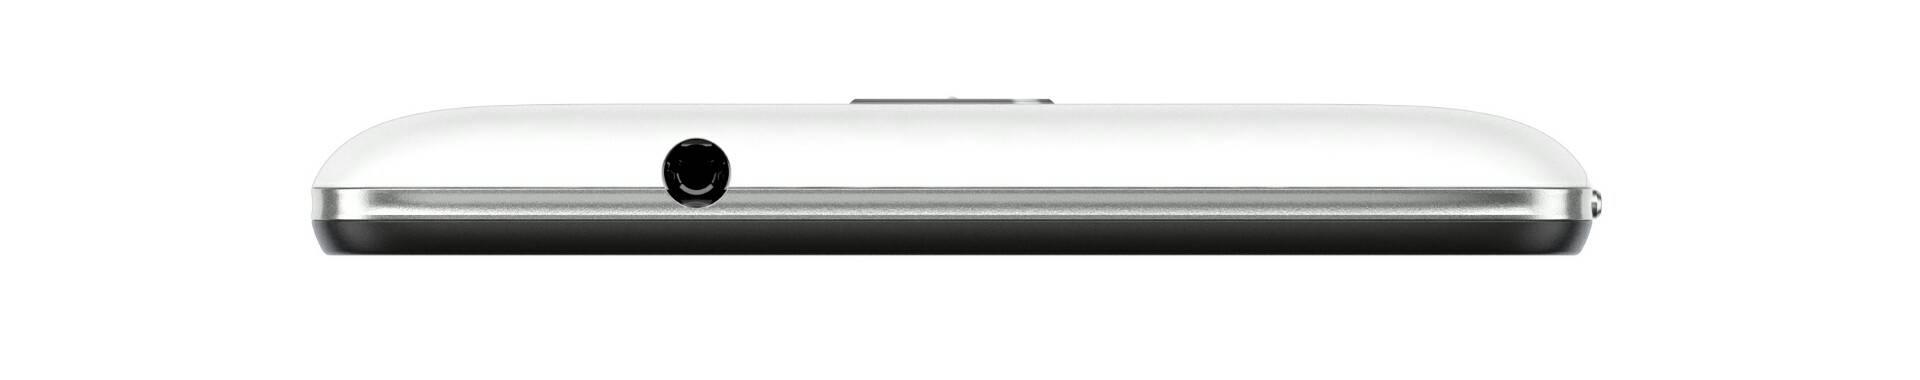 Acer Liquid Zest abs Zest 4G 13